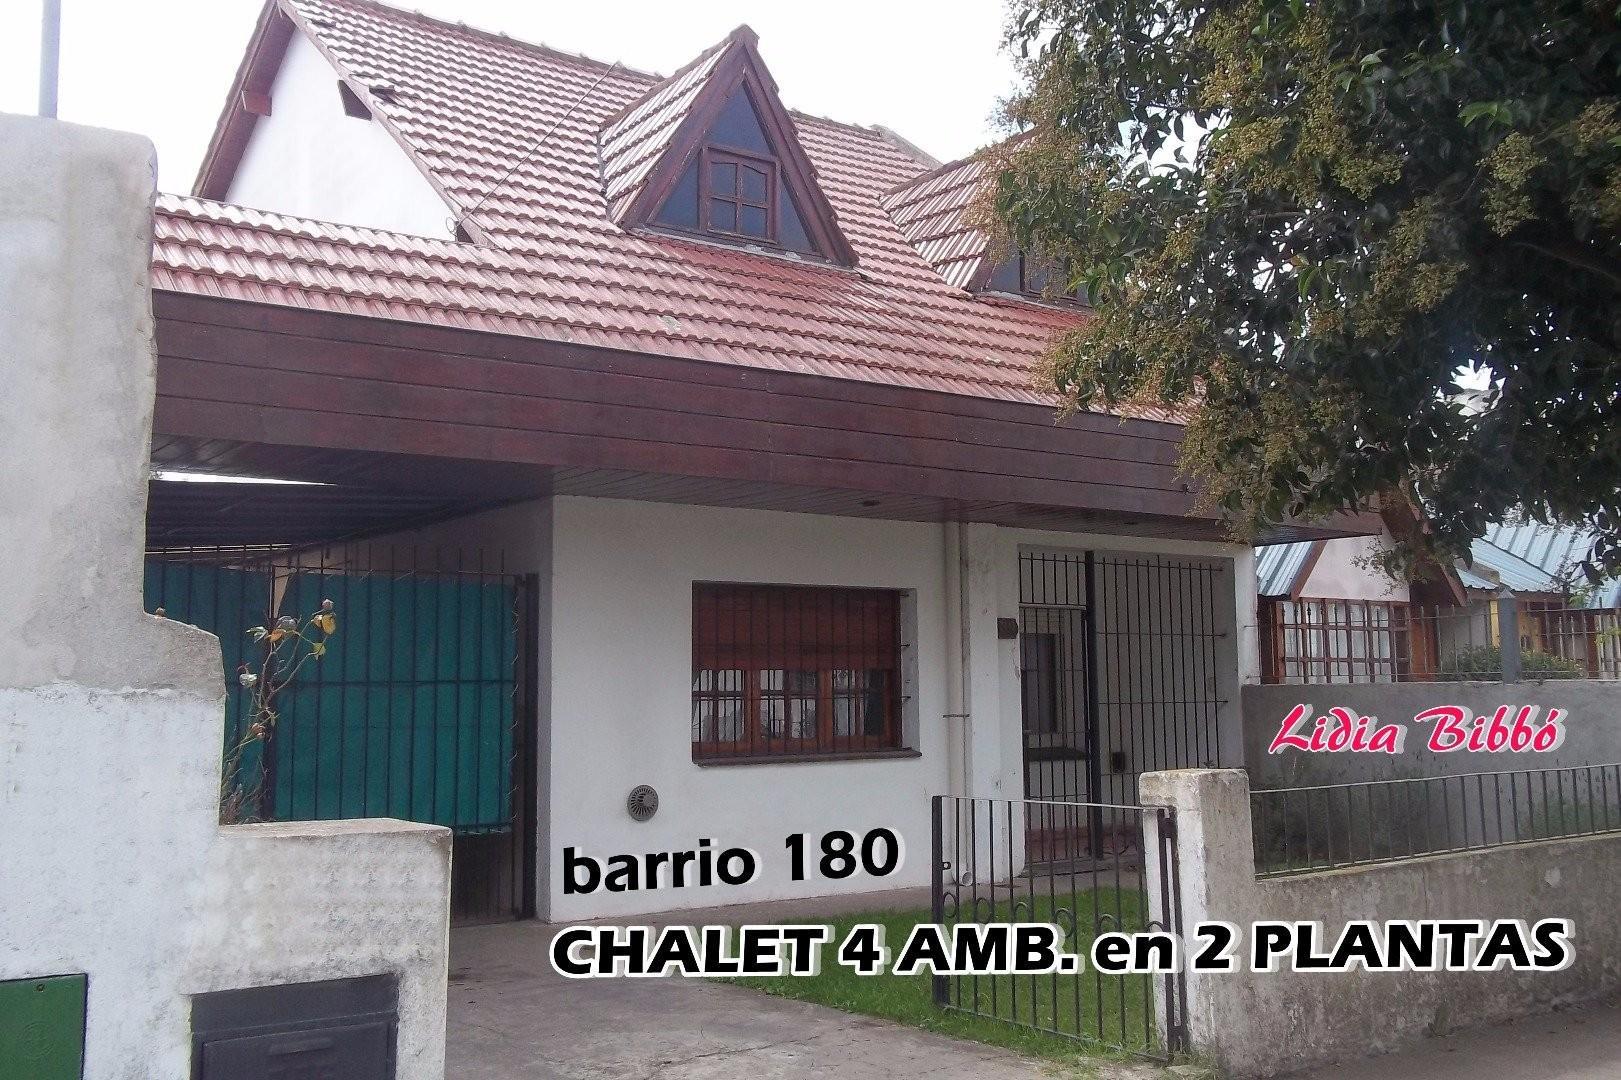 Casa en Venta en Barrio 180 - 4 ambientes